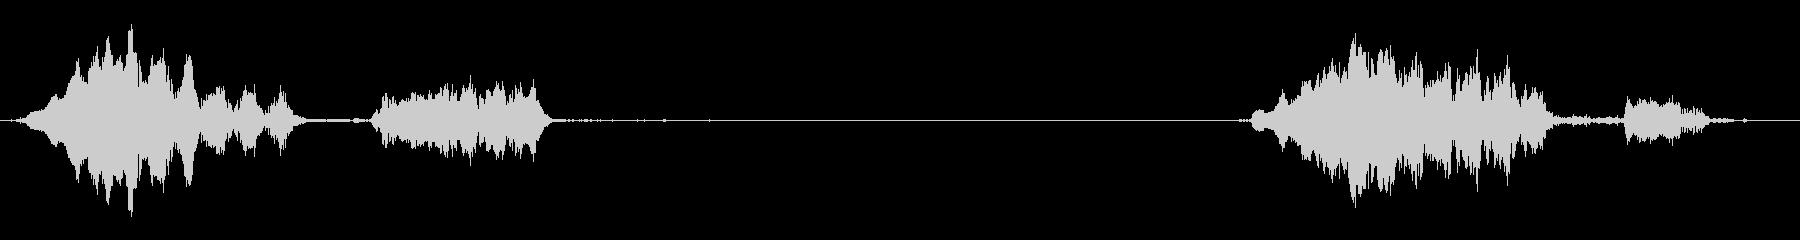 2つの孤立したウィニーの未再生の波形